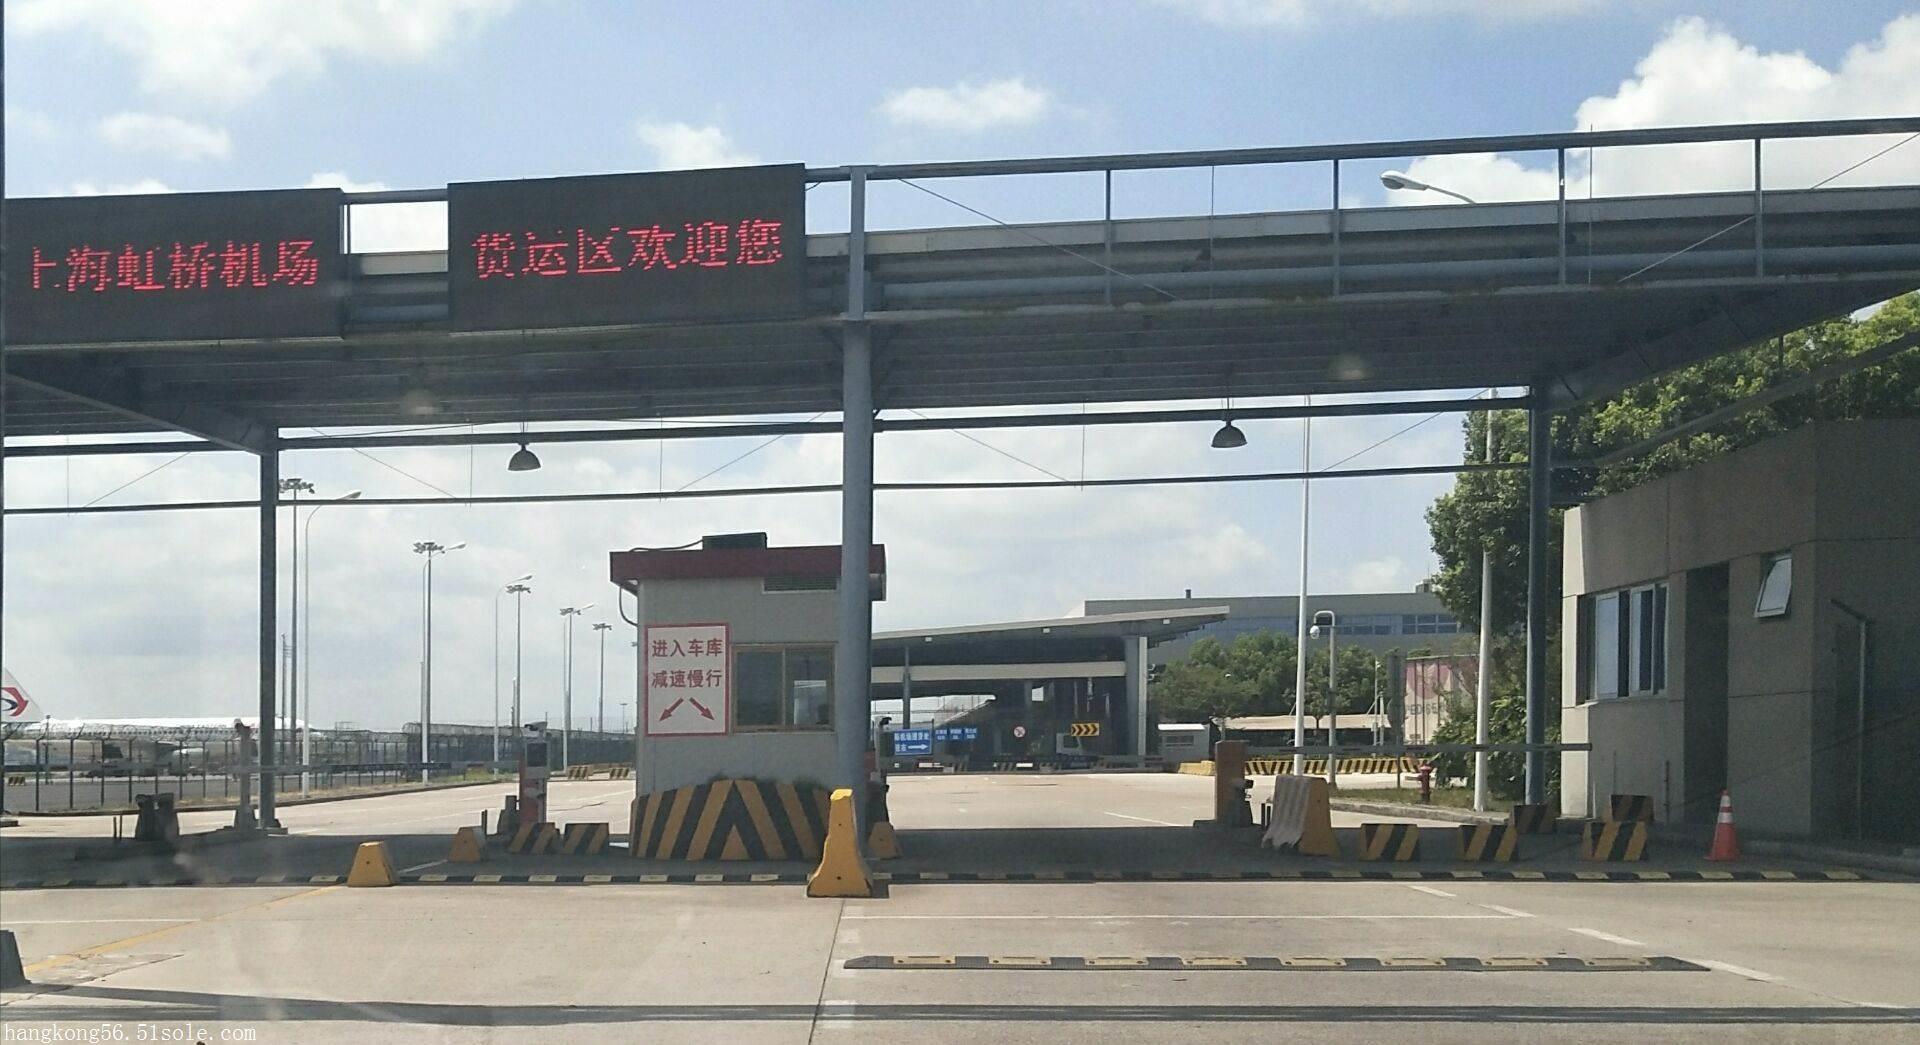 上海机场托运部-空运海鲜-当日到重庆